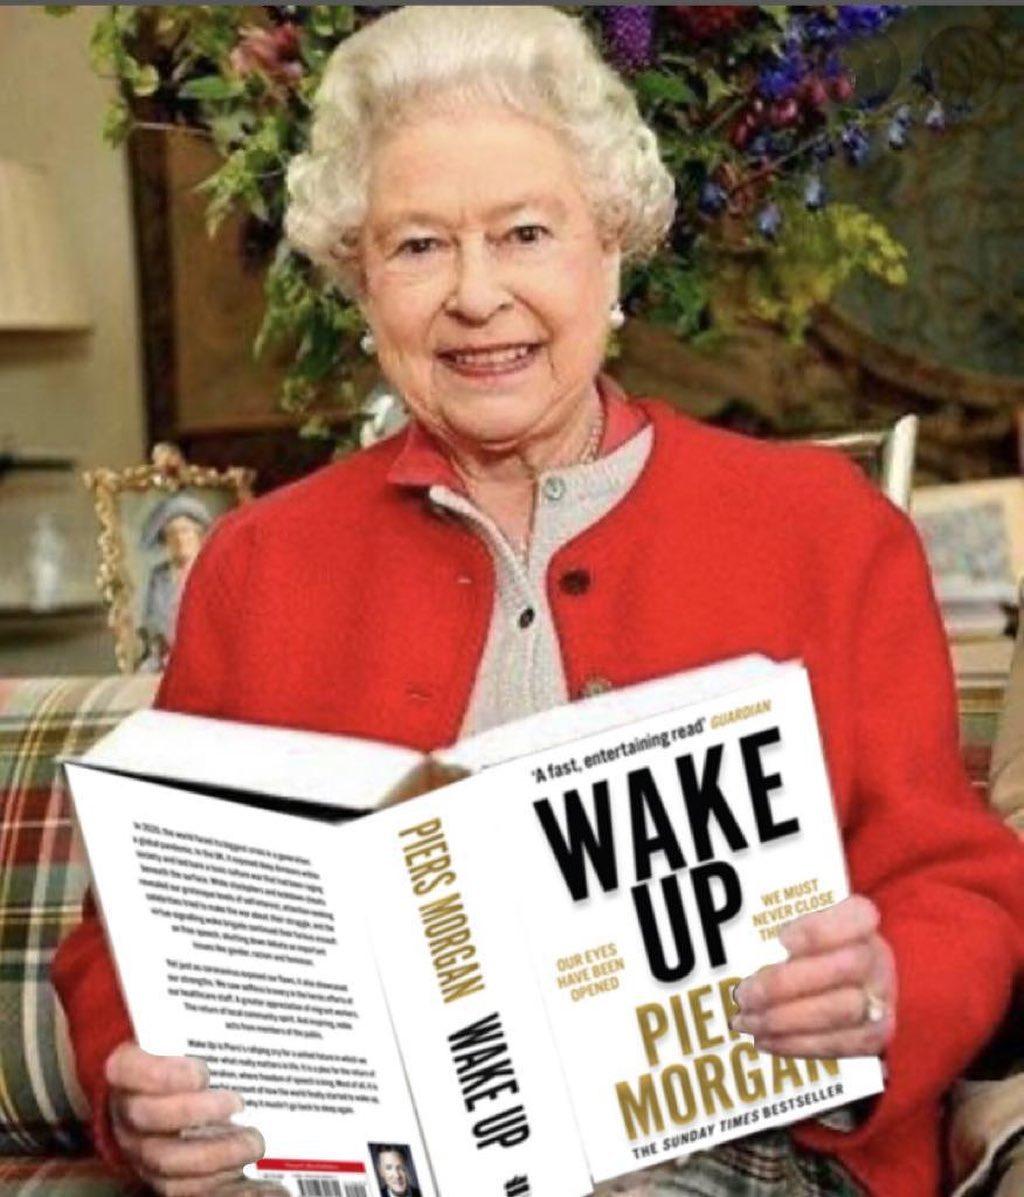 الملكة إليزابيث تقرأ كتاب إستيقط من تأليف بيرس مورغان